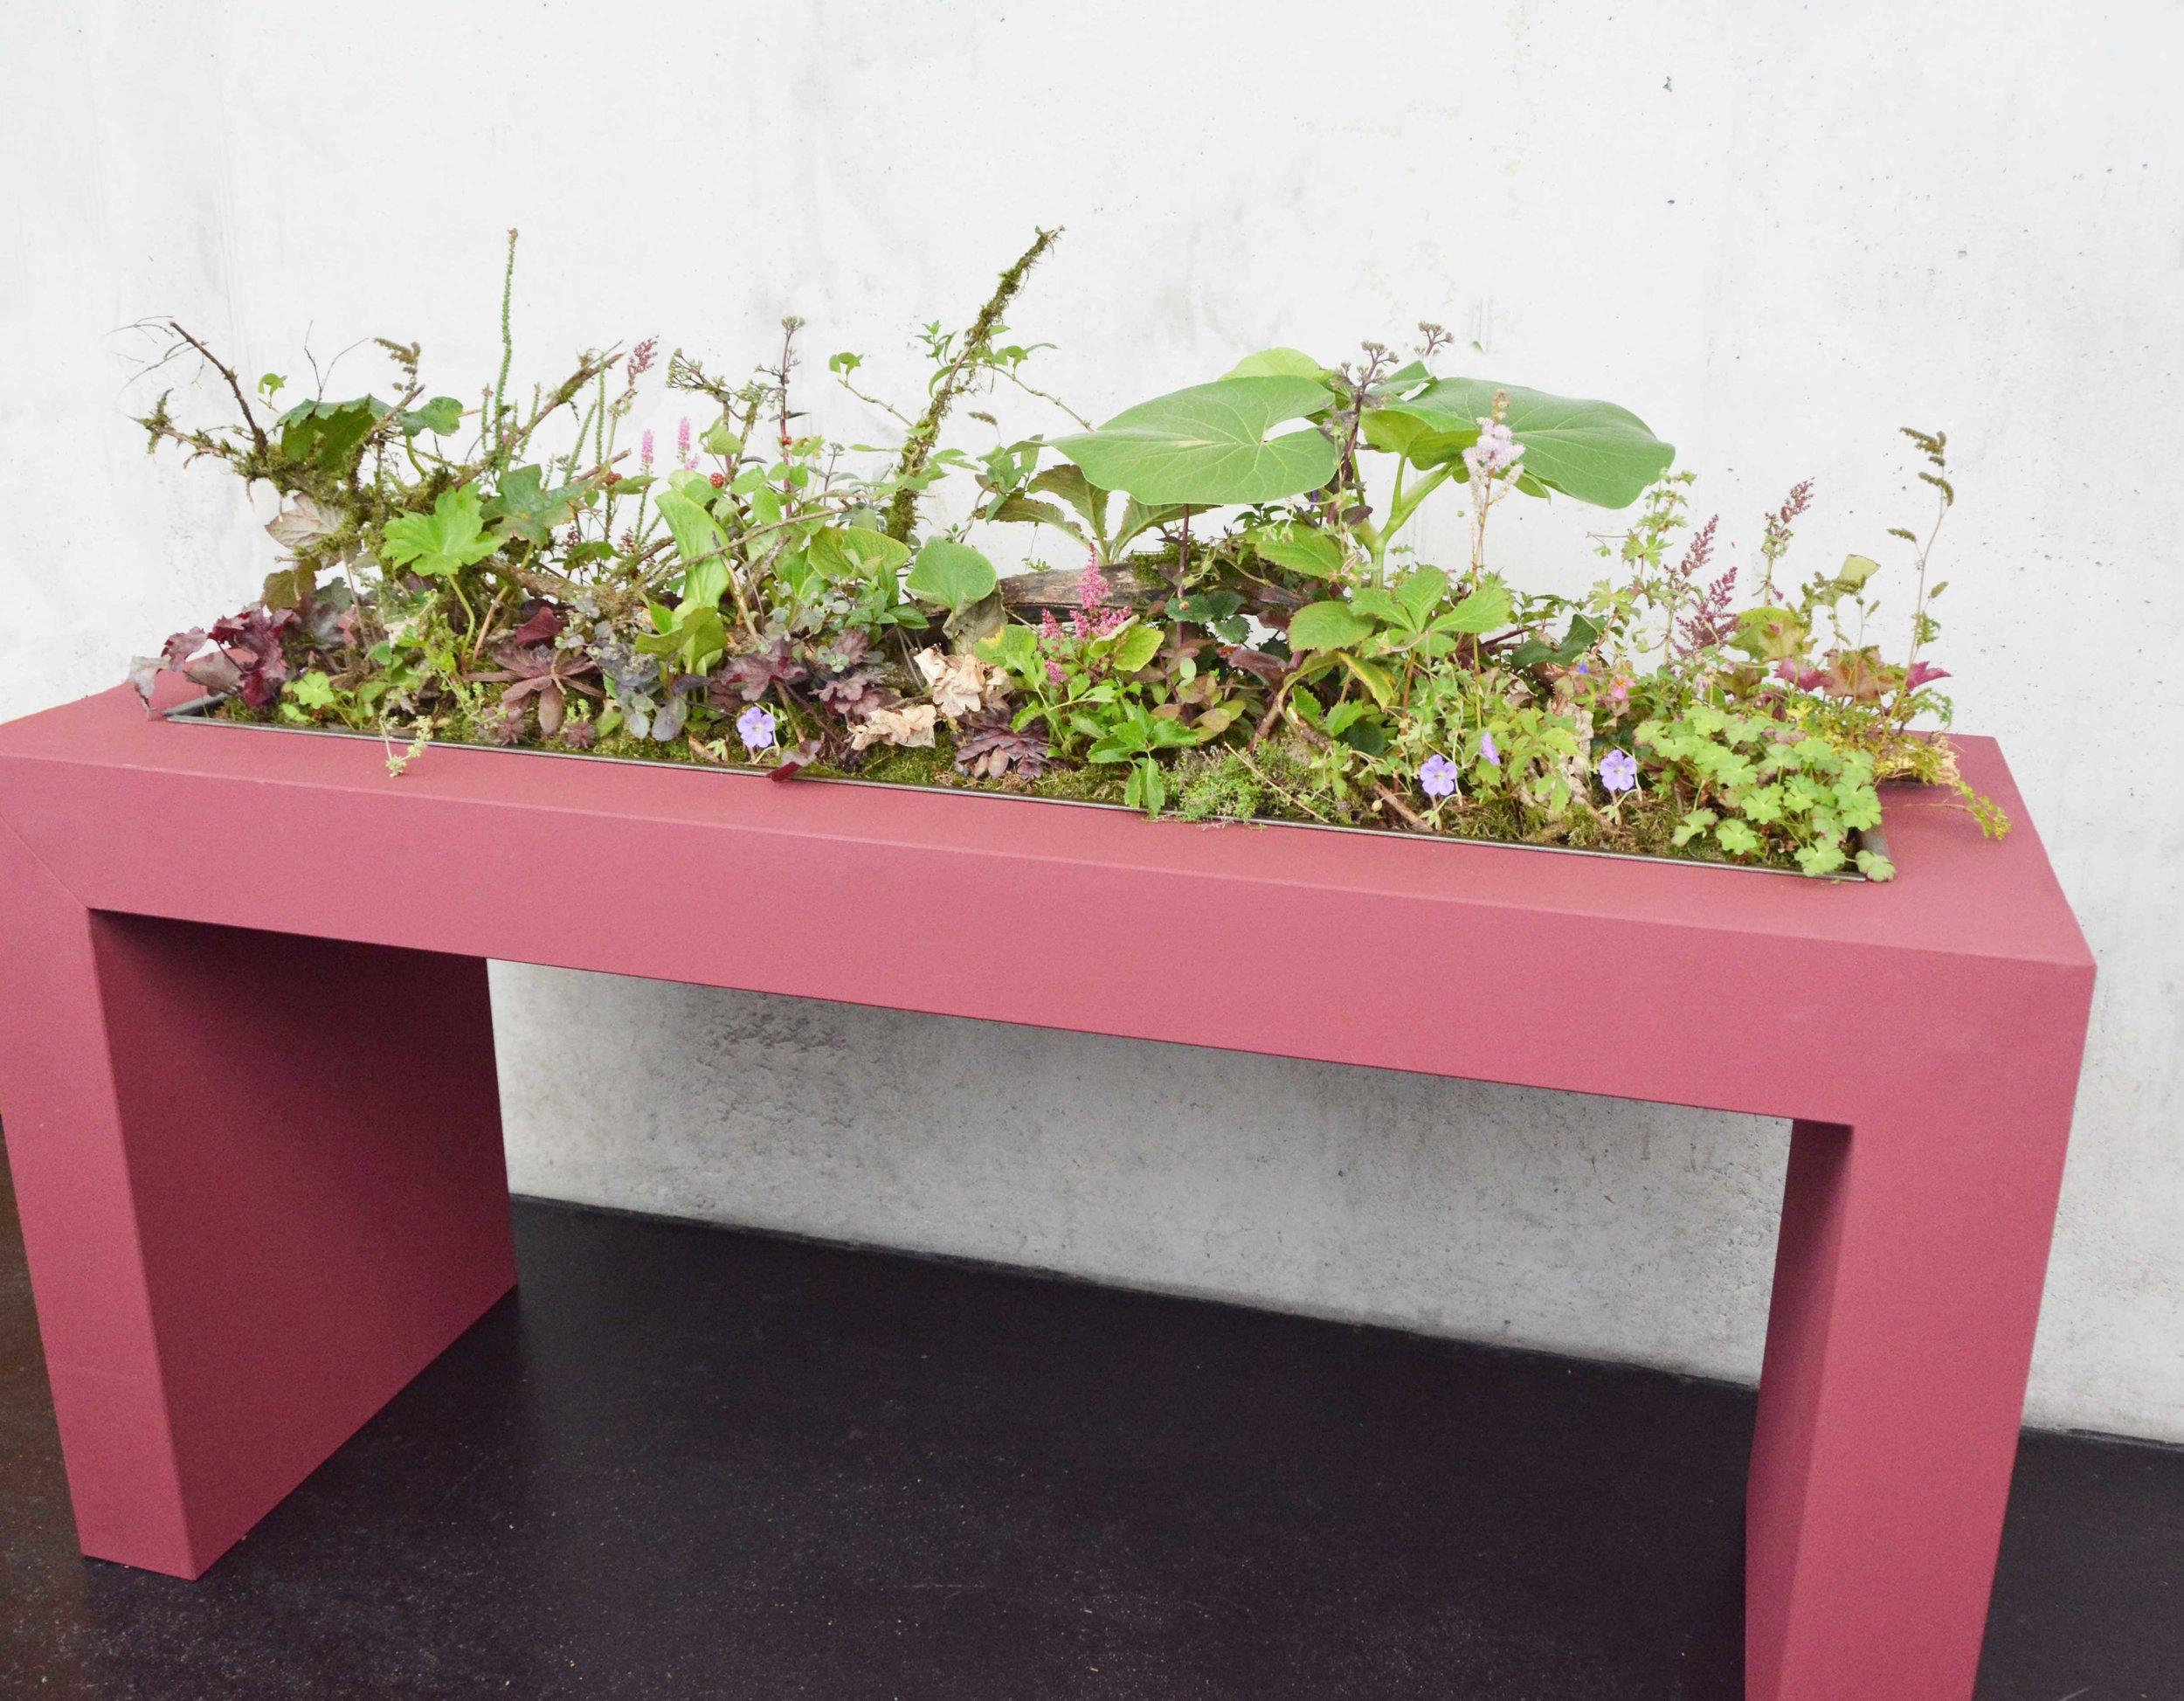 Die Horizontale des Tisches verknüpfte Lena Priller mit der Weite, welche eine Pflanzgestaltung aufweisen kann.